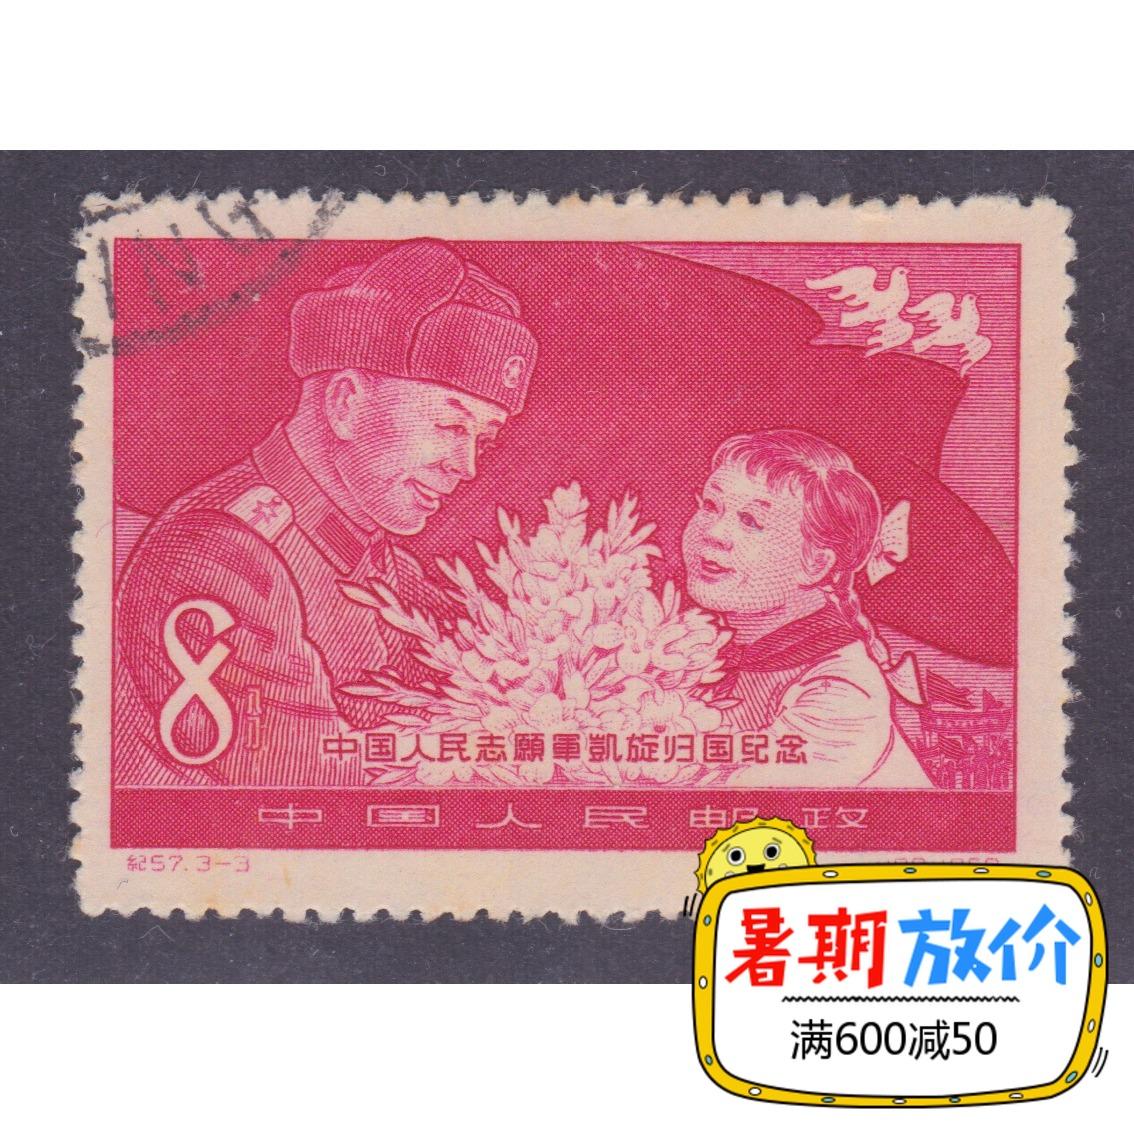 New China Laoji Special Stamps 57 Tình nguyện viên trở về Trung Quốc 3-3 Bộ sưu tập sản phẩm cổ điển